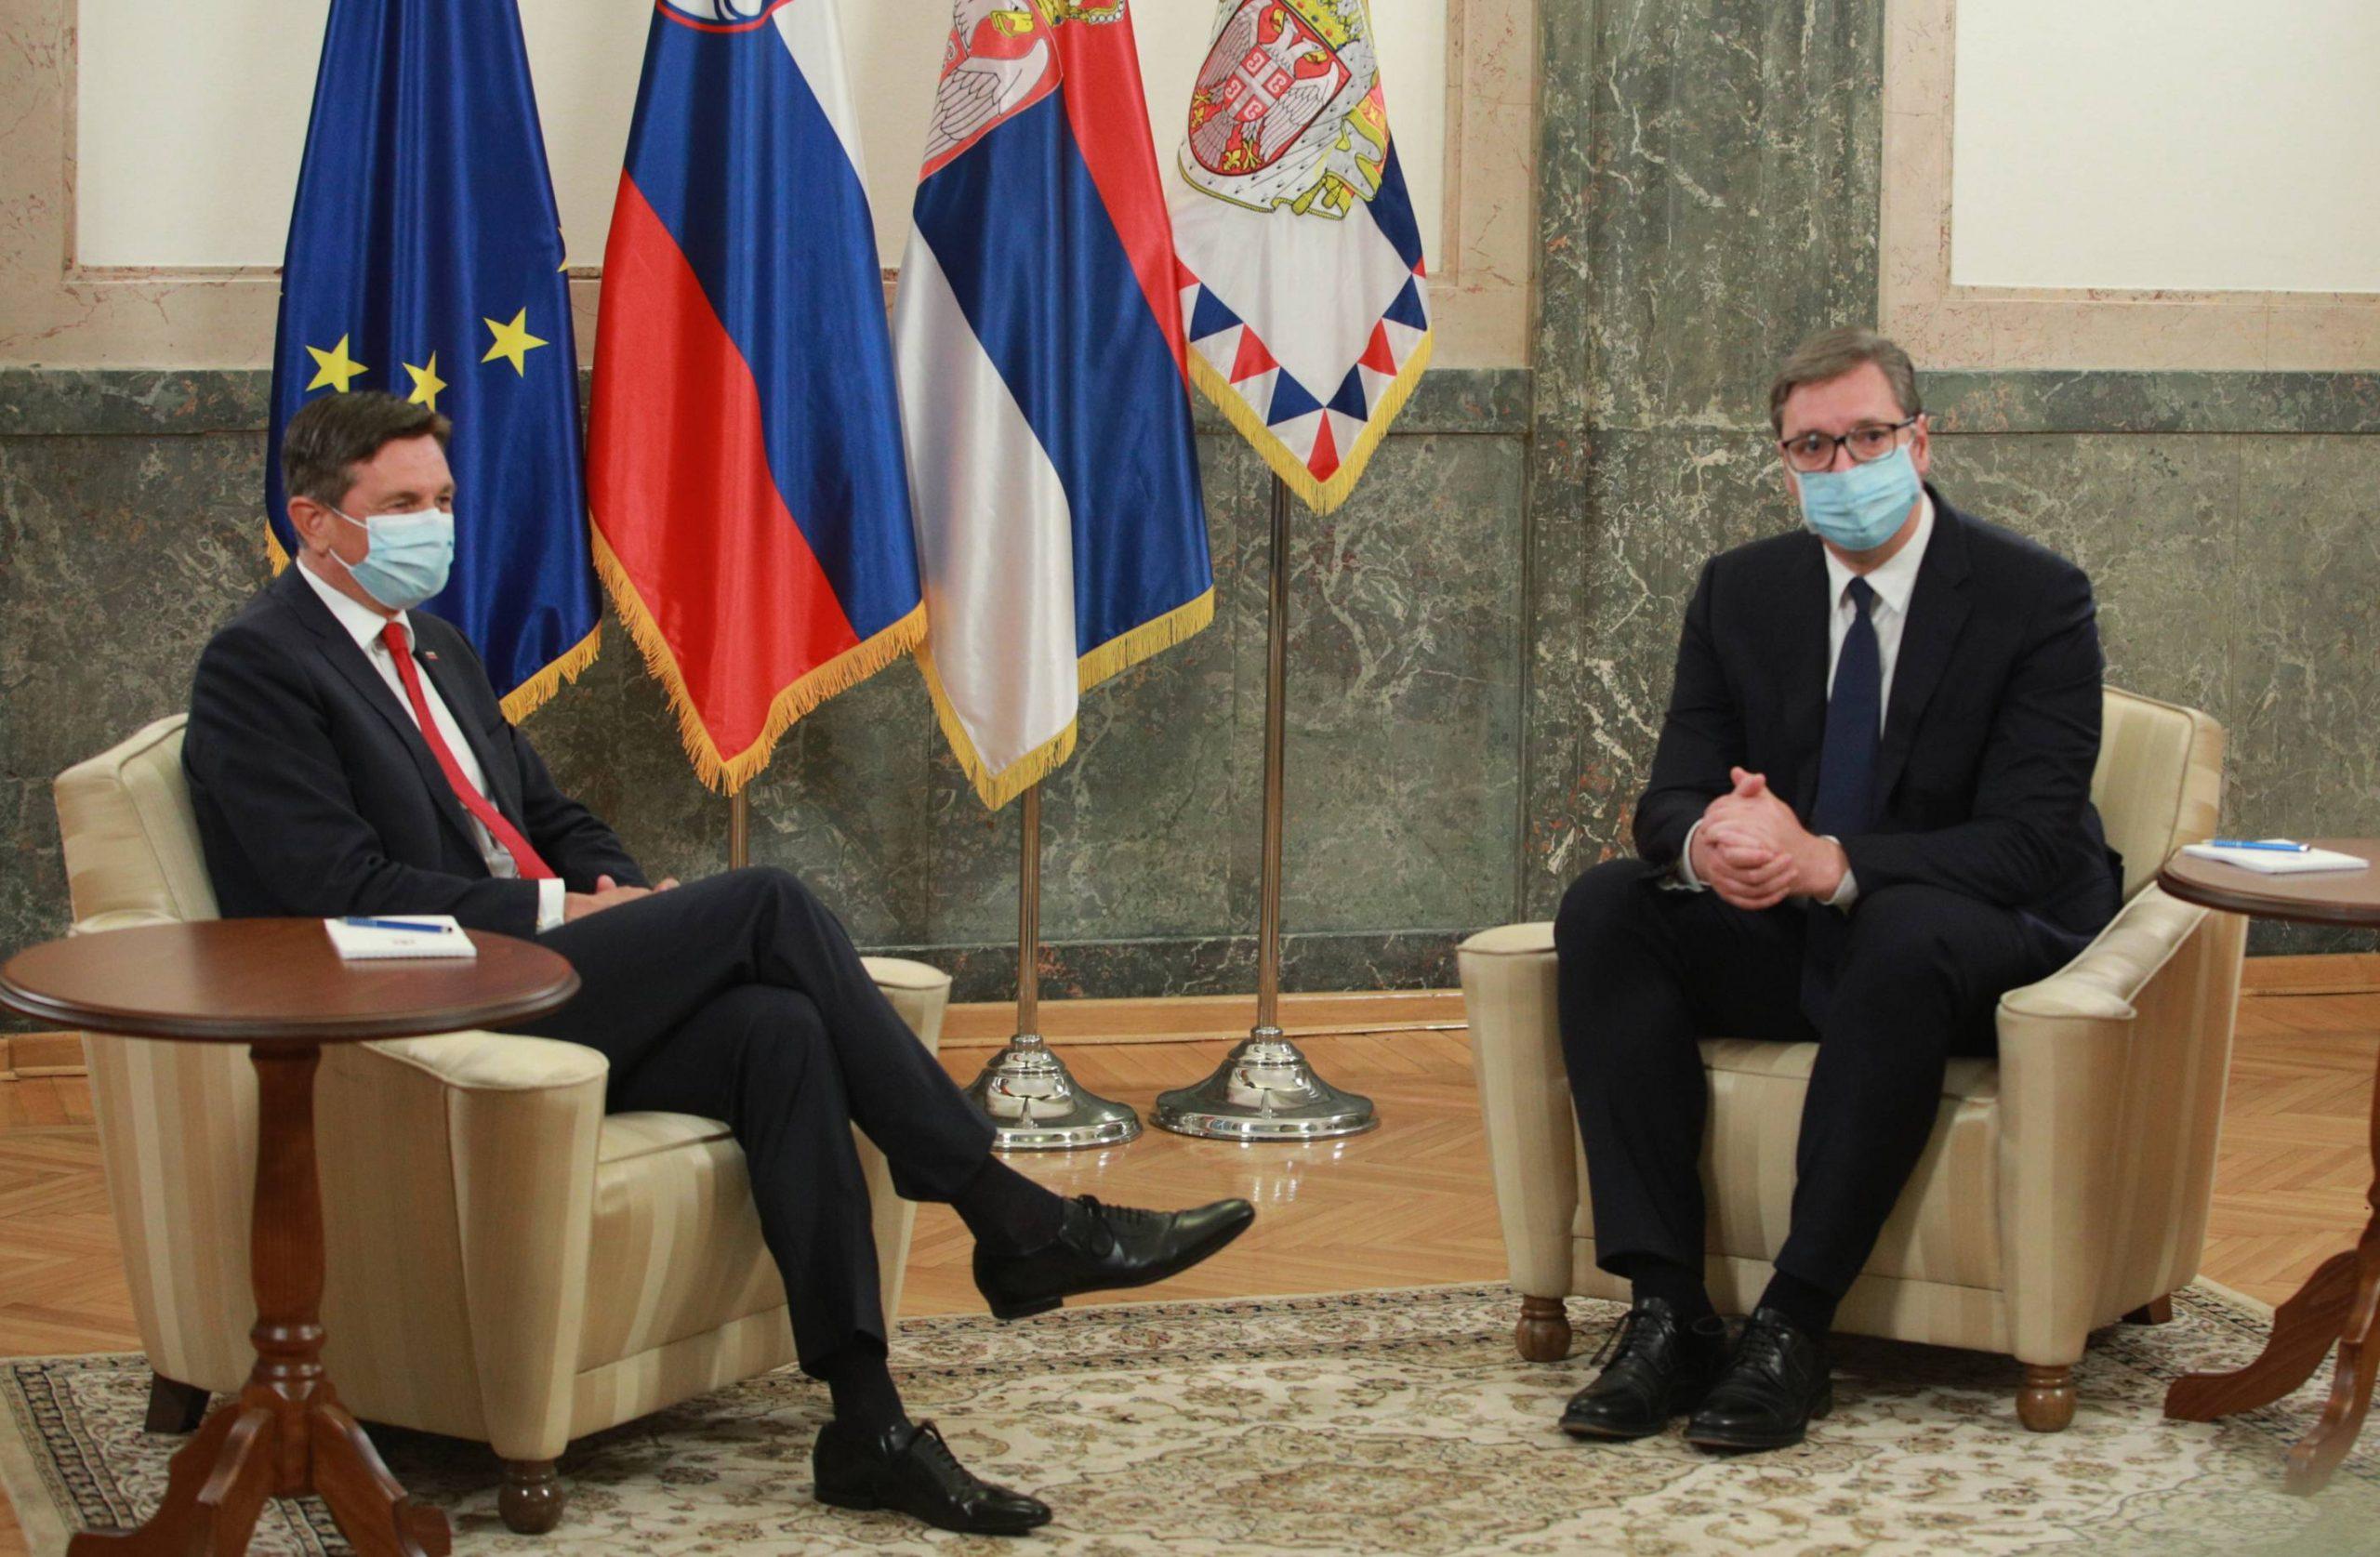 Vučić o dijalogu: Zamrznuti konflikti se završavaju stotinama i stotinama mrtvih, to nam ne treba 1